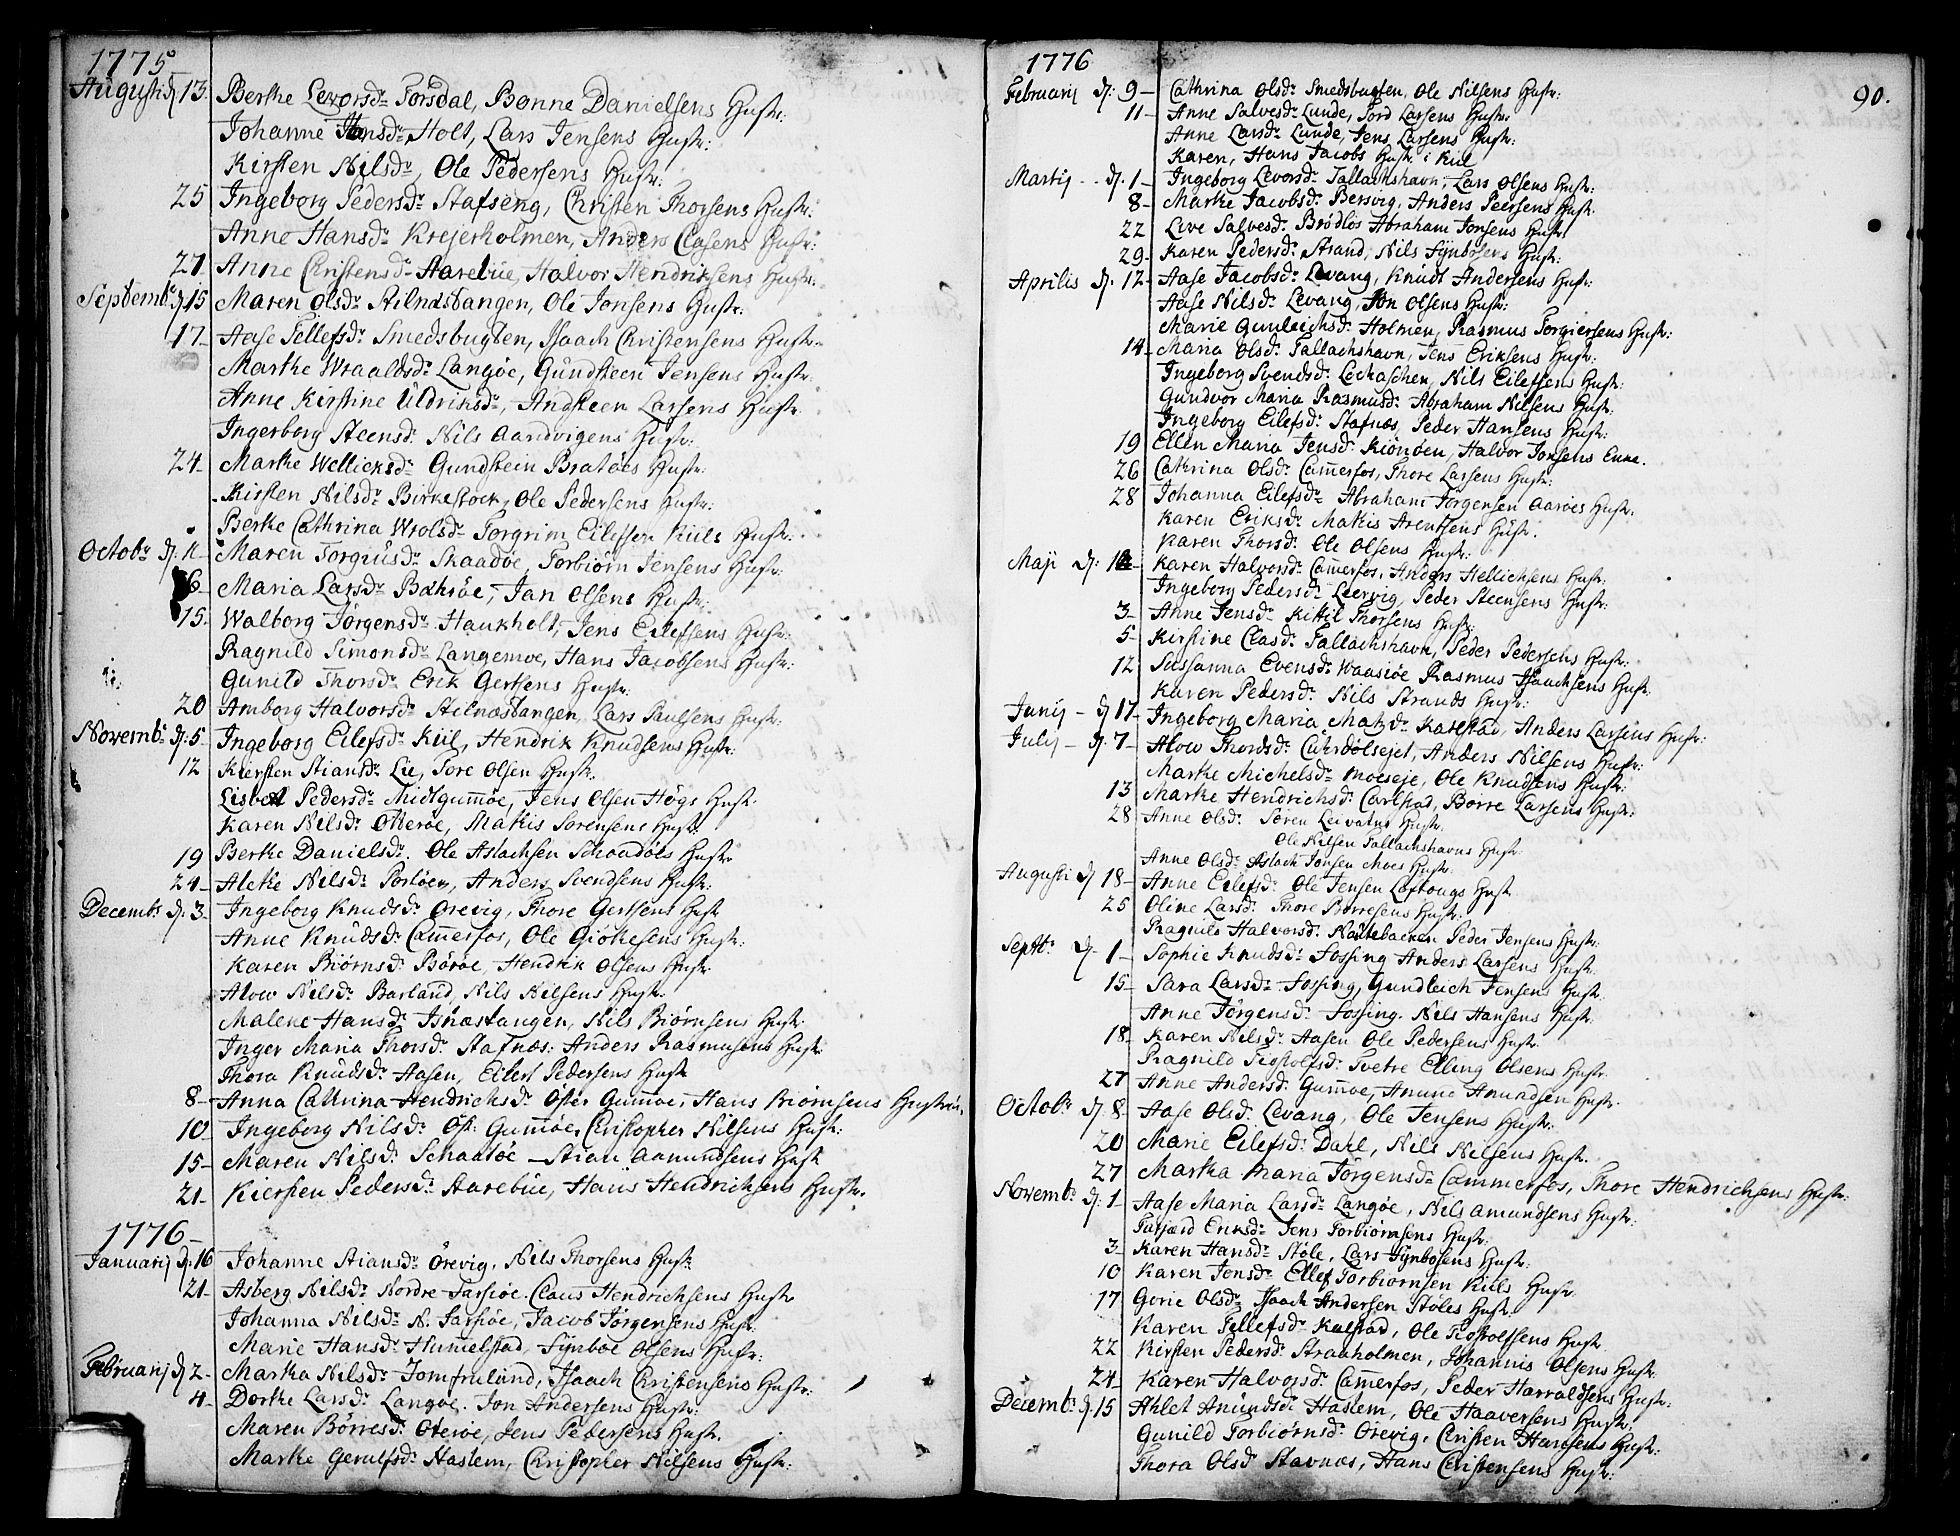 SAKO, Sannidal kirkebøker, F/Fa/L0002: Ministerialbok nr. 2, 1767-1802, s. 90